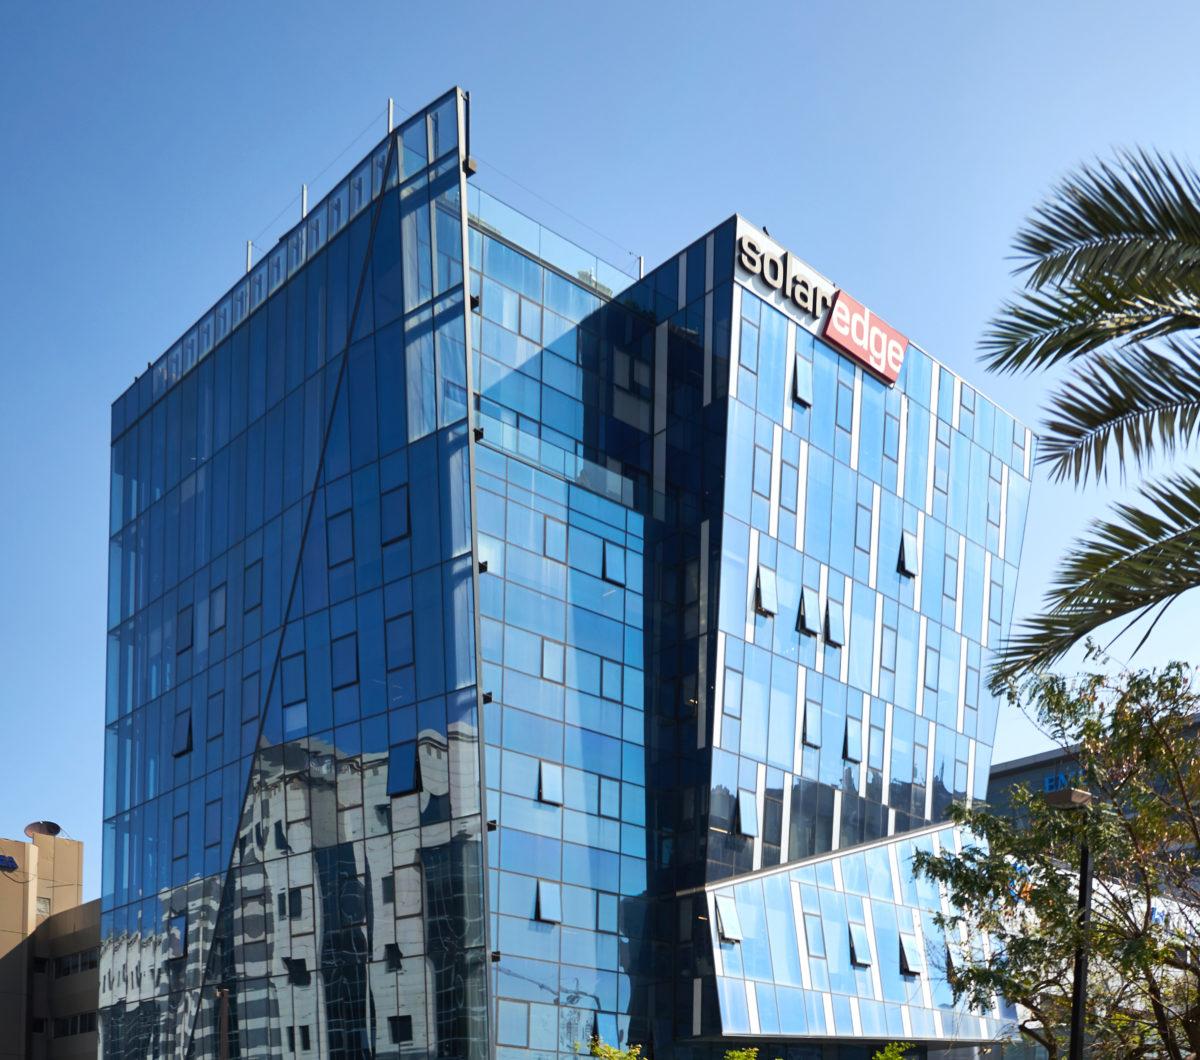 逆变器行业整合风潮 以色列Solaredge收购韩国电池商Kokam